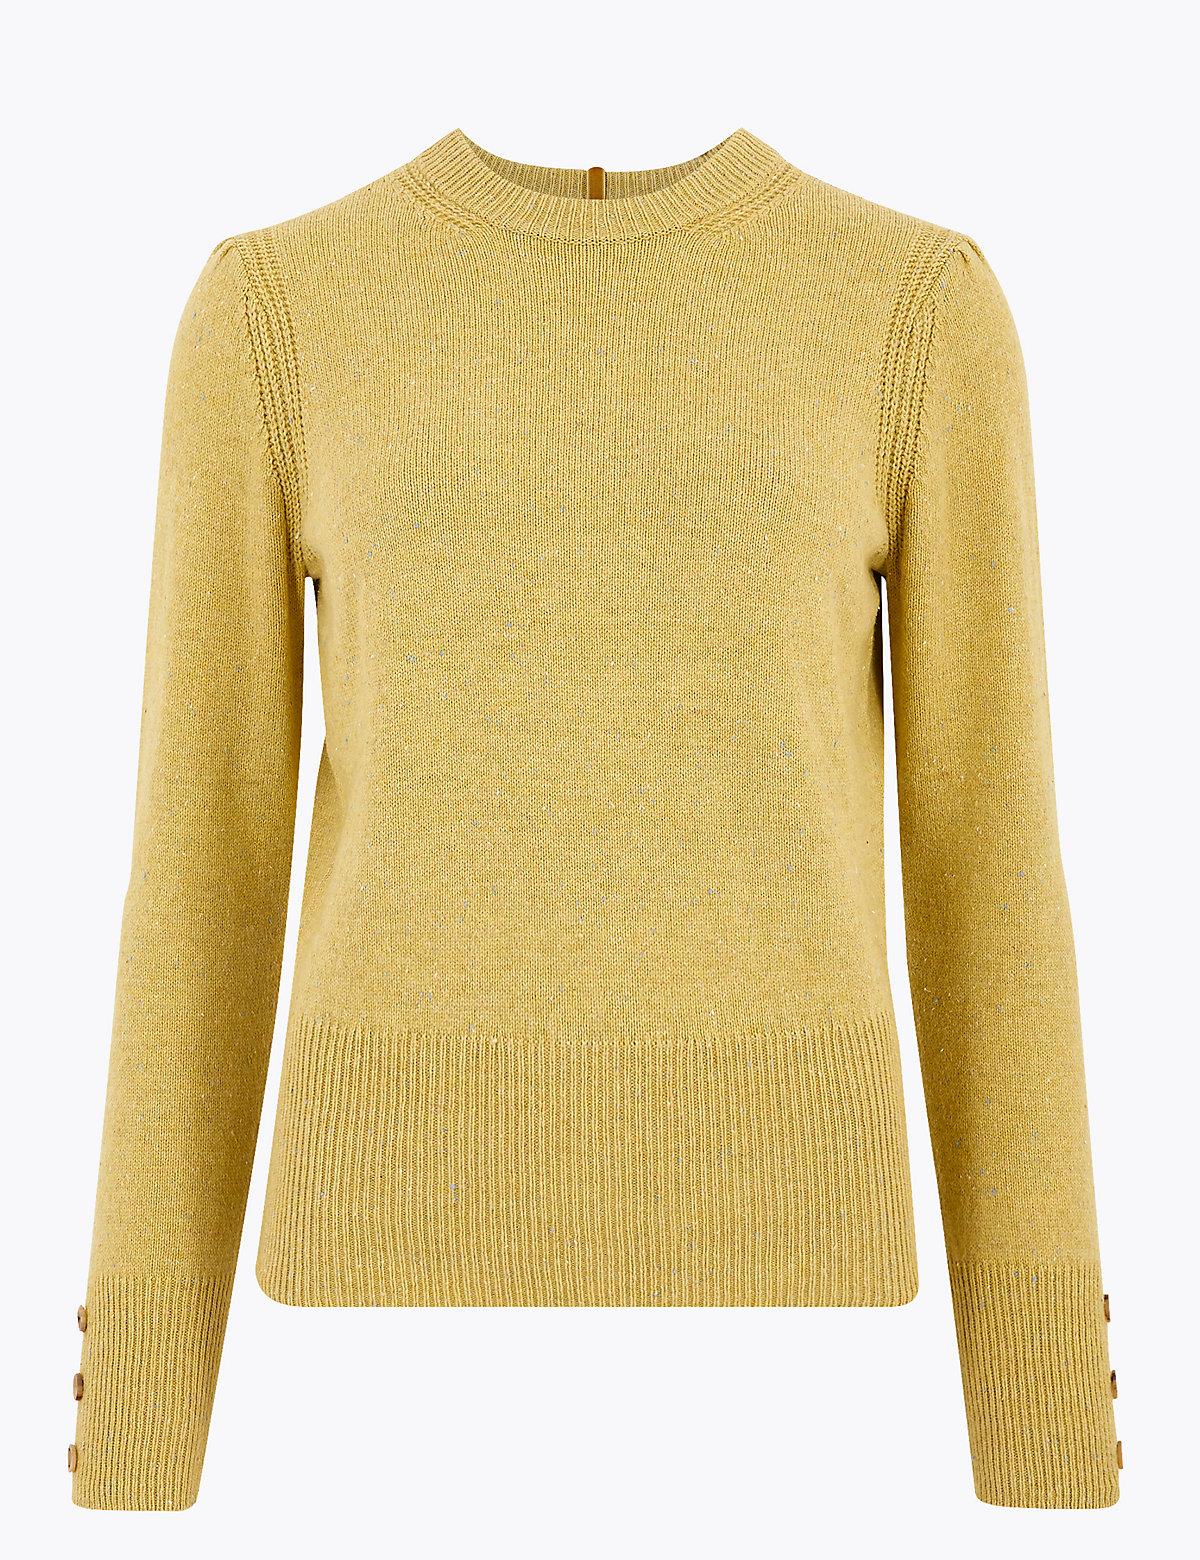 Джемпер из хлопка и шерсти декорирован пуговицами на рукавах